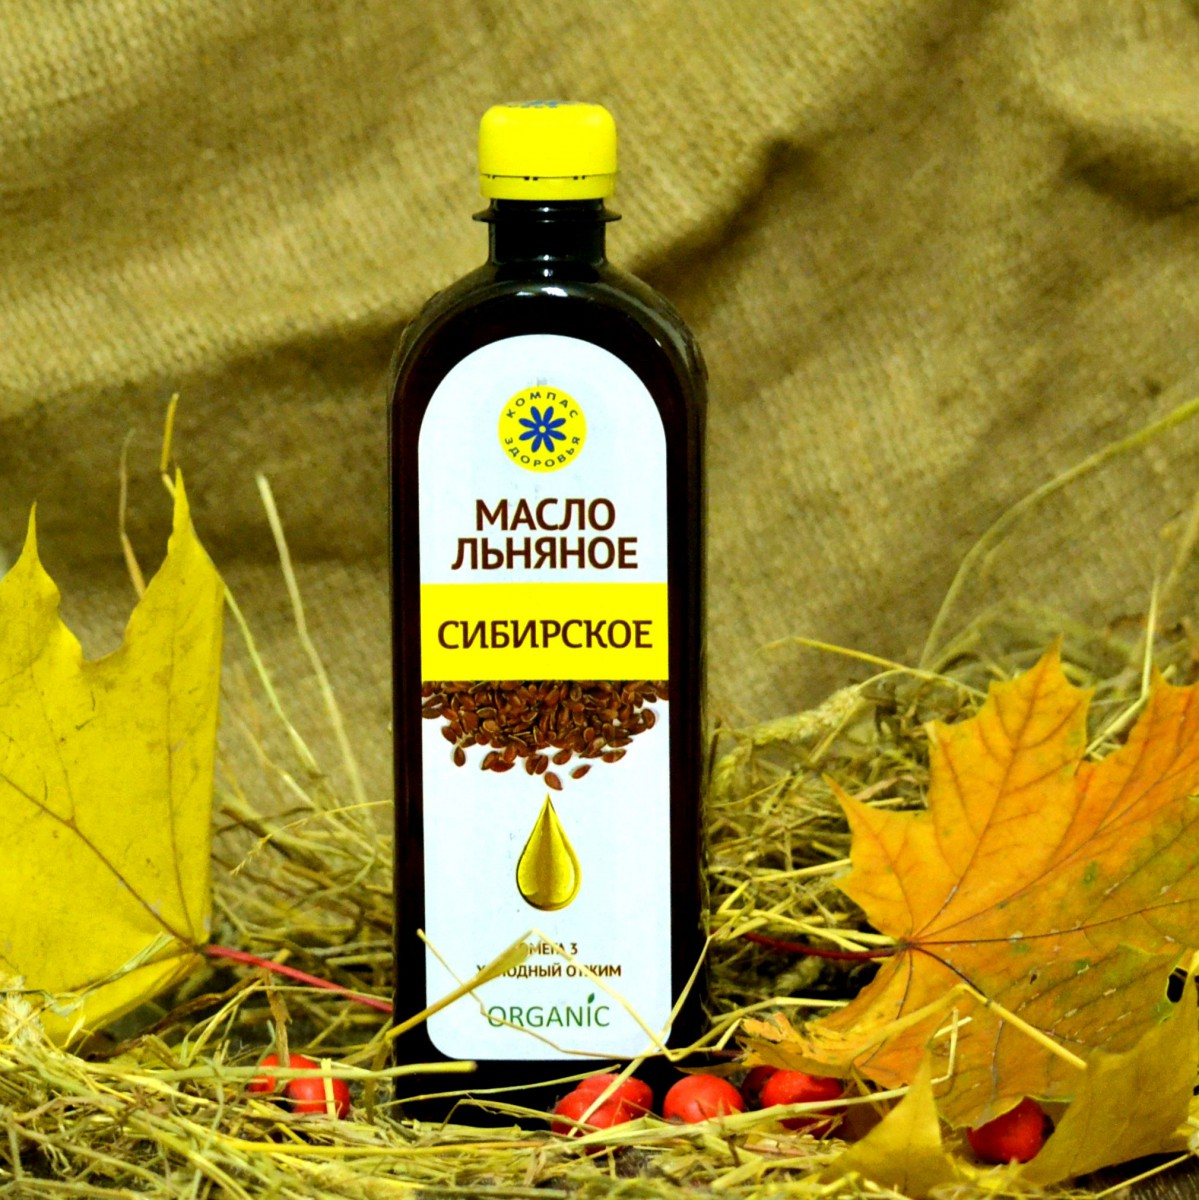 Польза и вред льняного масла для печени и желчного пузыря